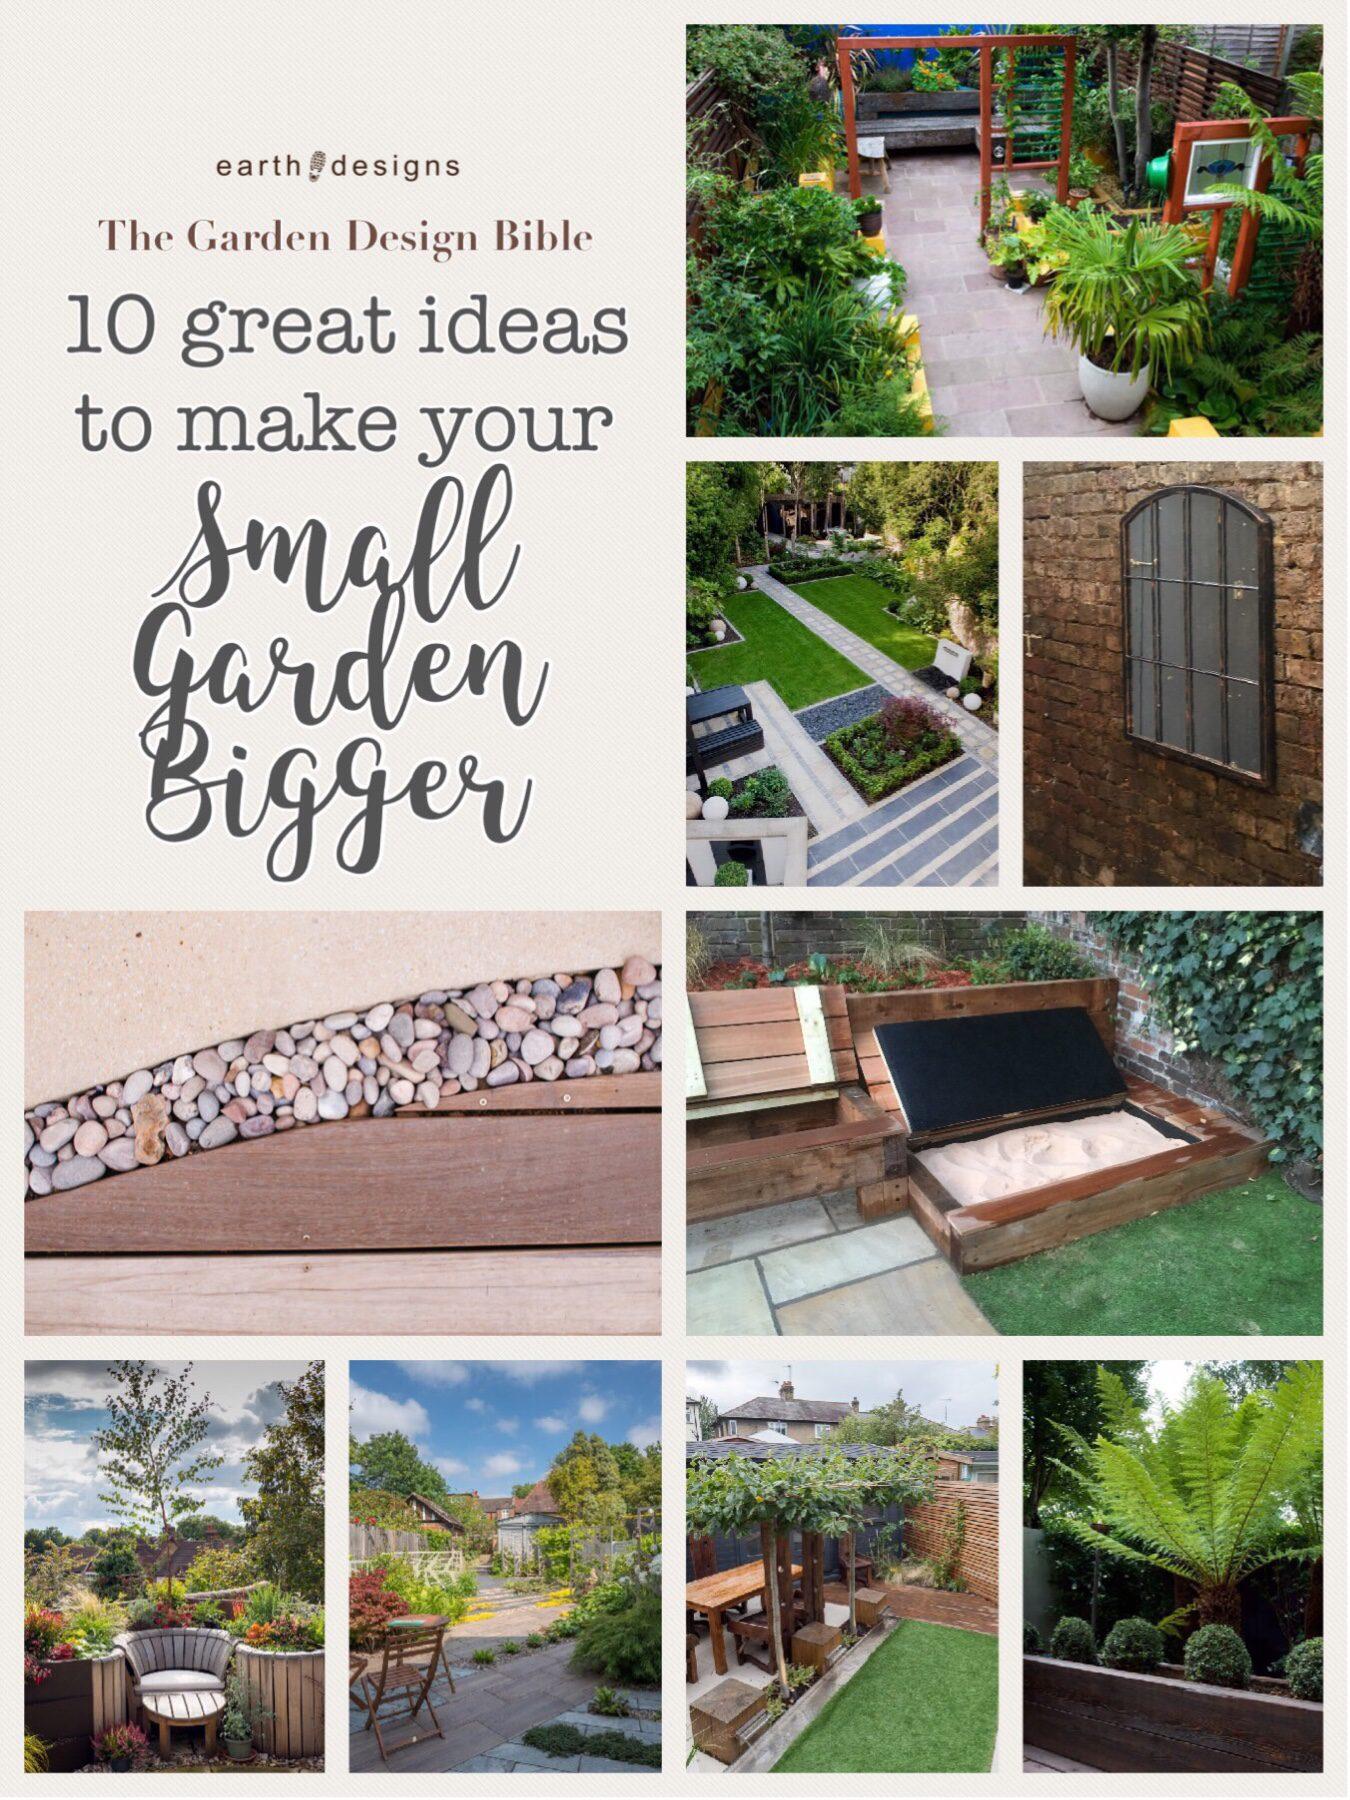 Earth Design - small garden design ideas